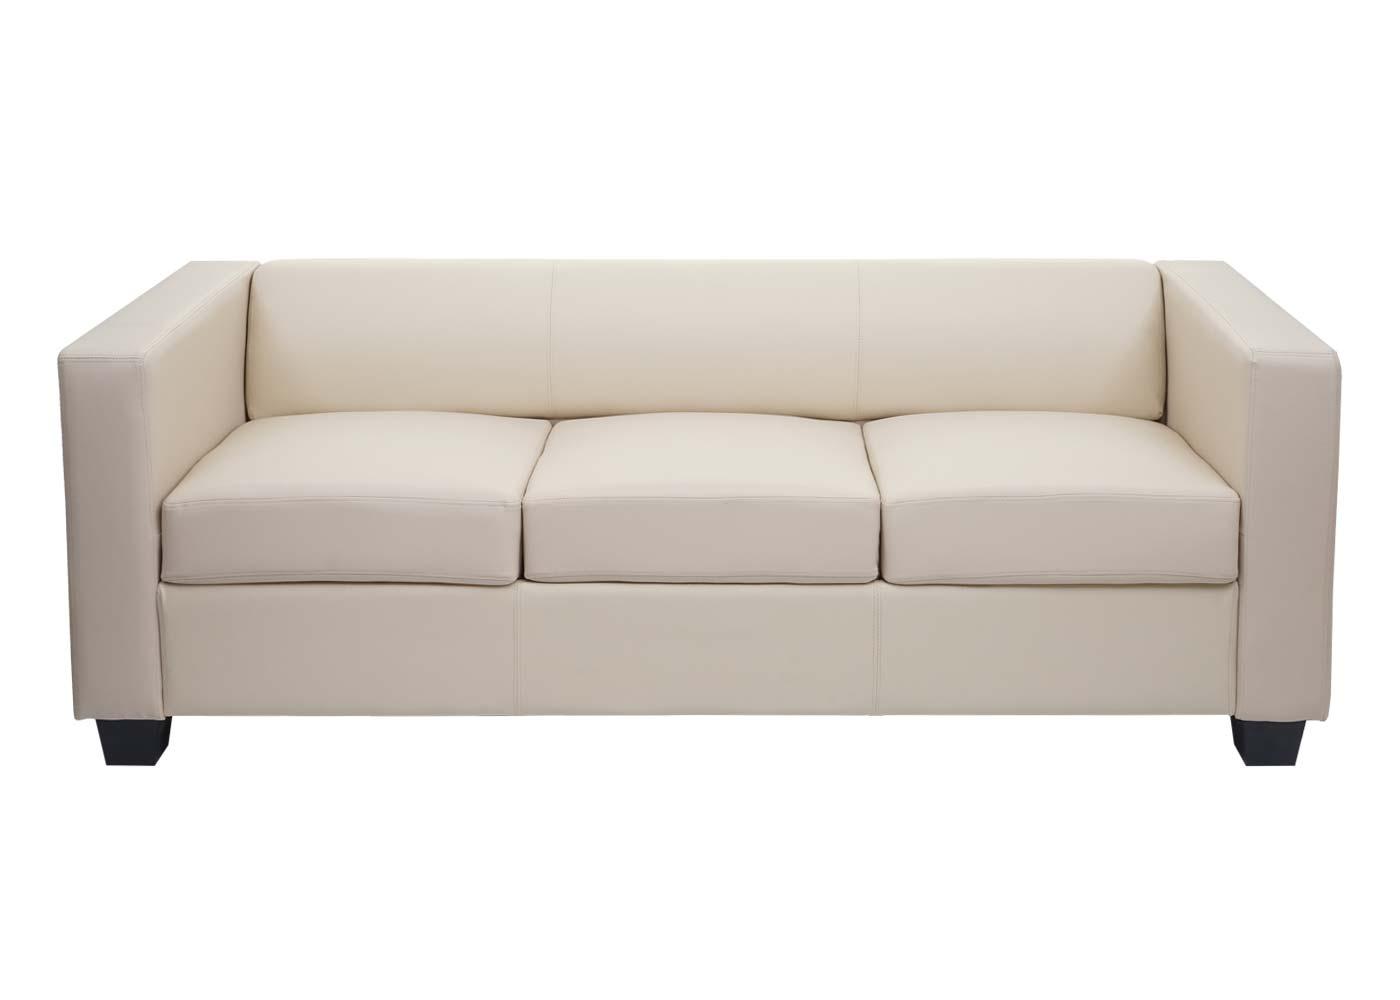 3-2-1 Sofagarnitur Couchgarnitur Loungesofa Lille 3er Sofa einzeln